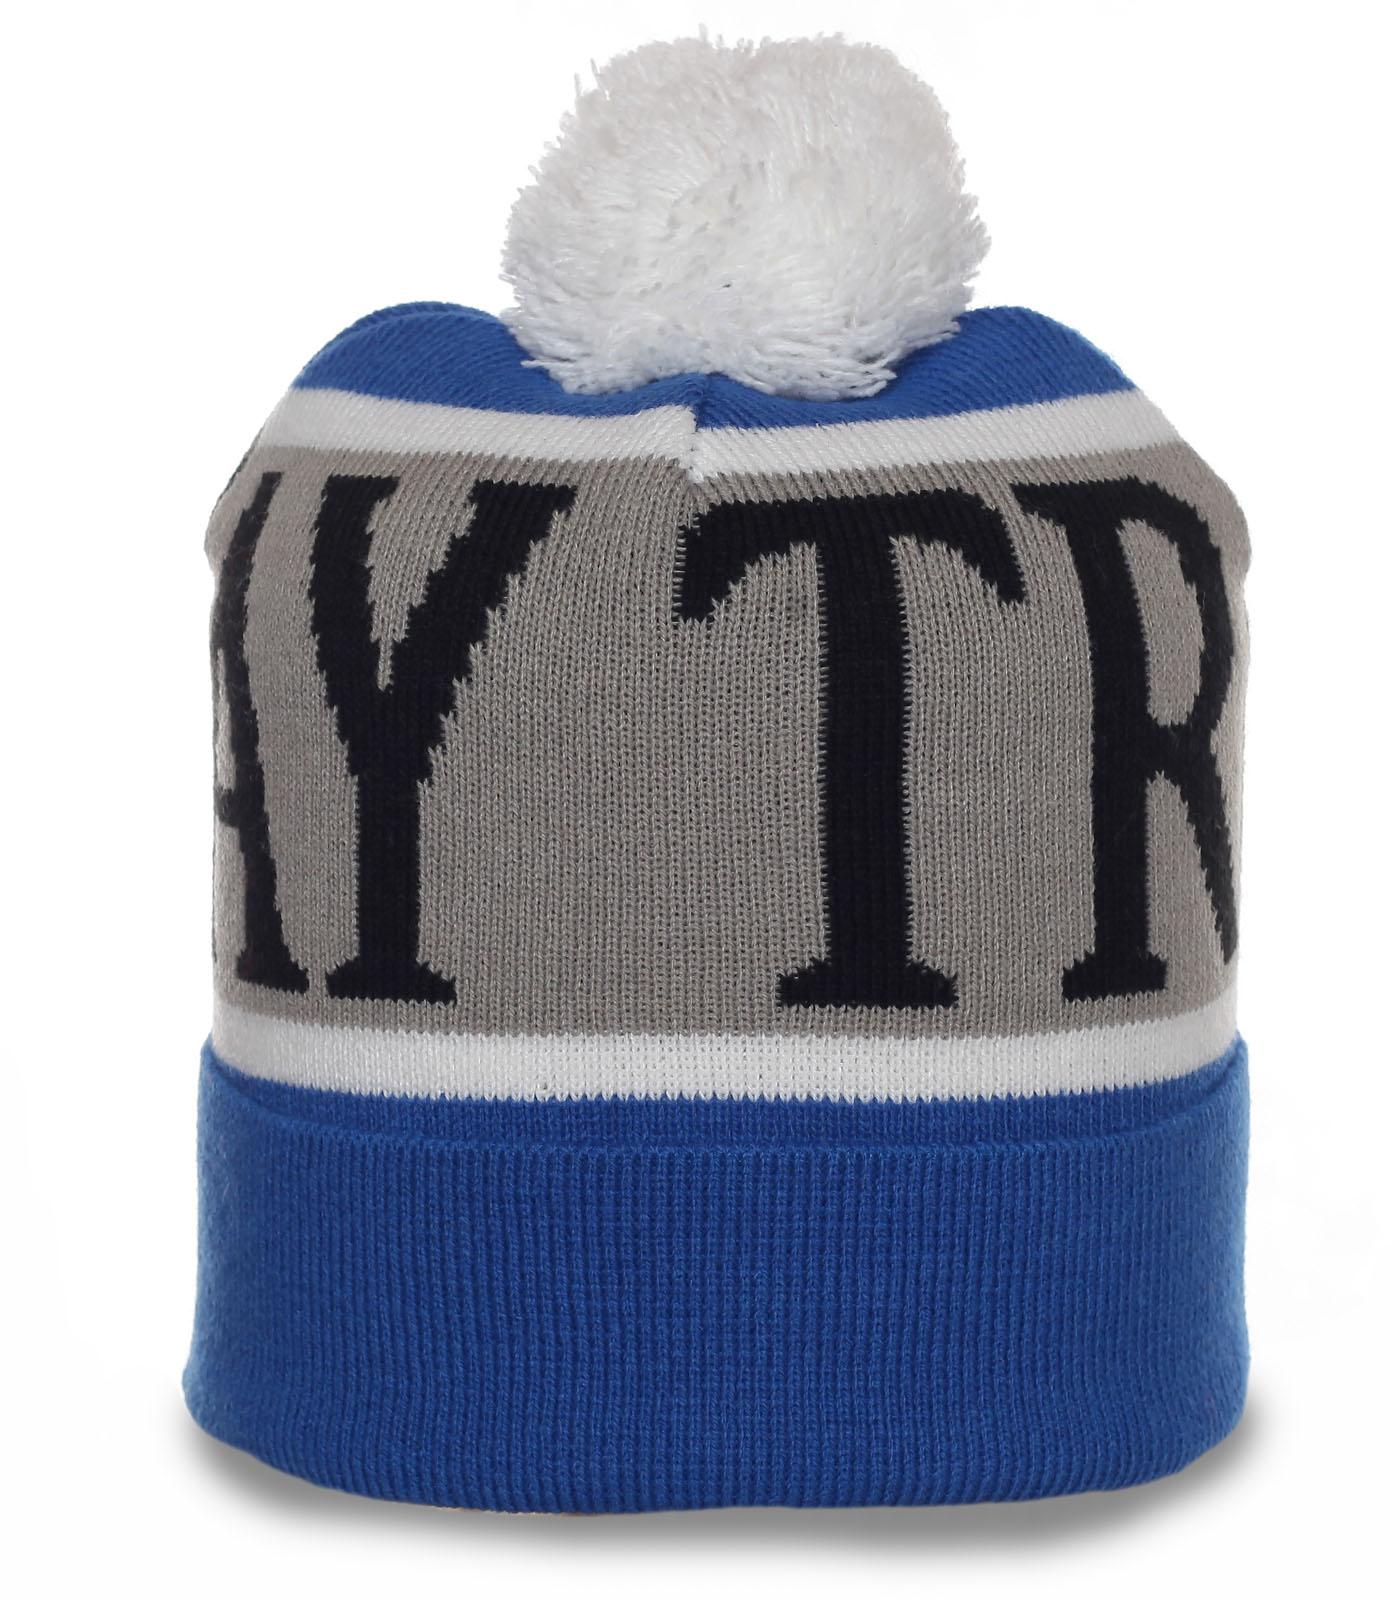 Современная уникальная мужская шапка STAY TRUE с отворотом молодежный стиль